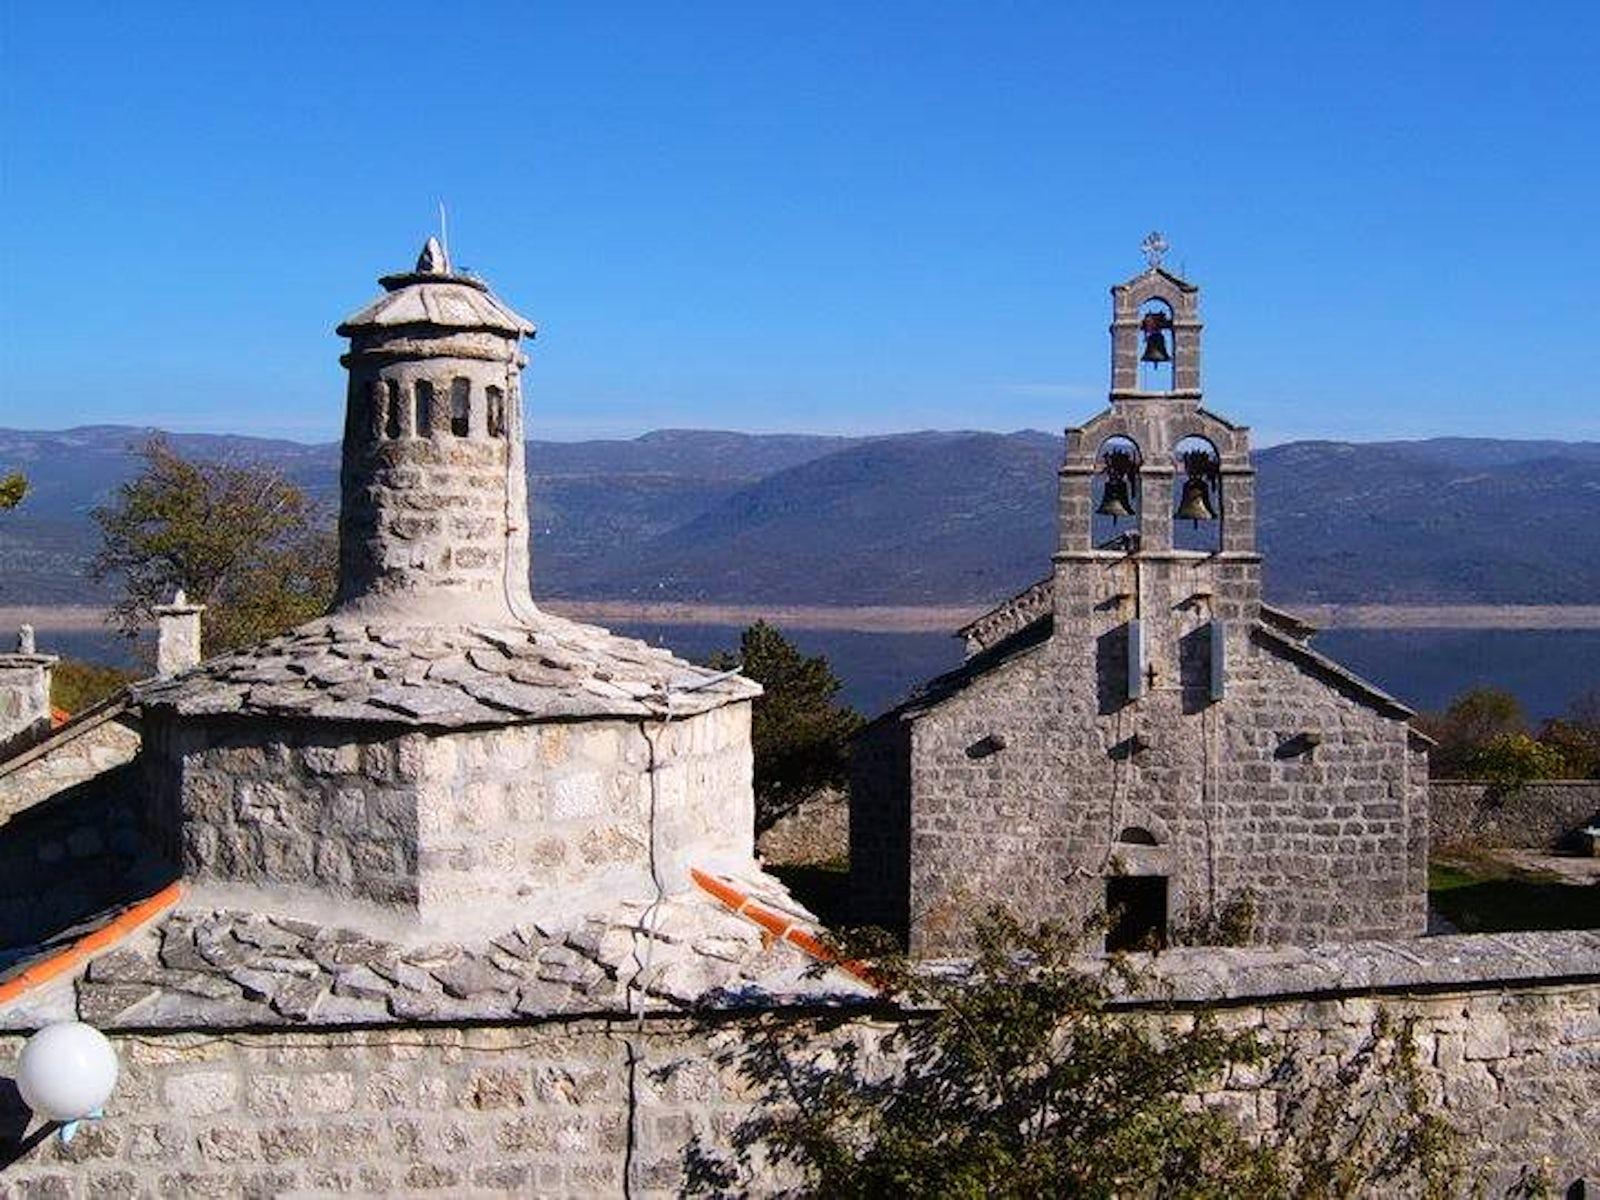 Cover picture © Credits to Tourism Organization of Bileća